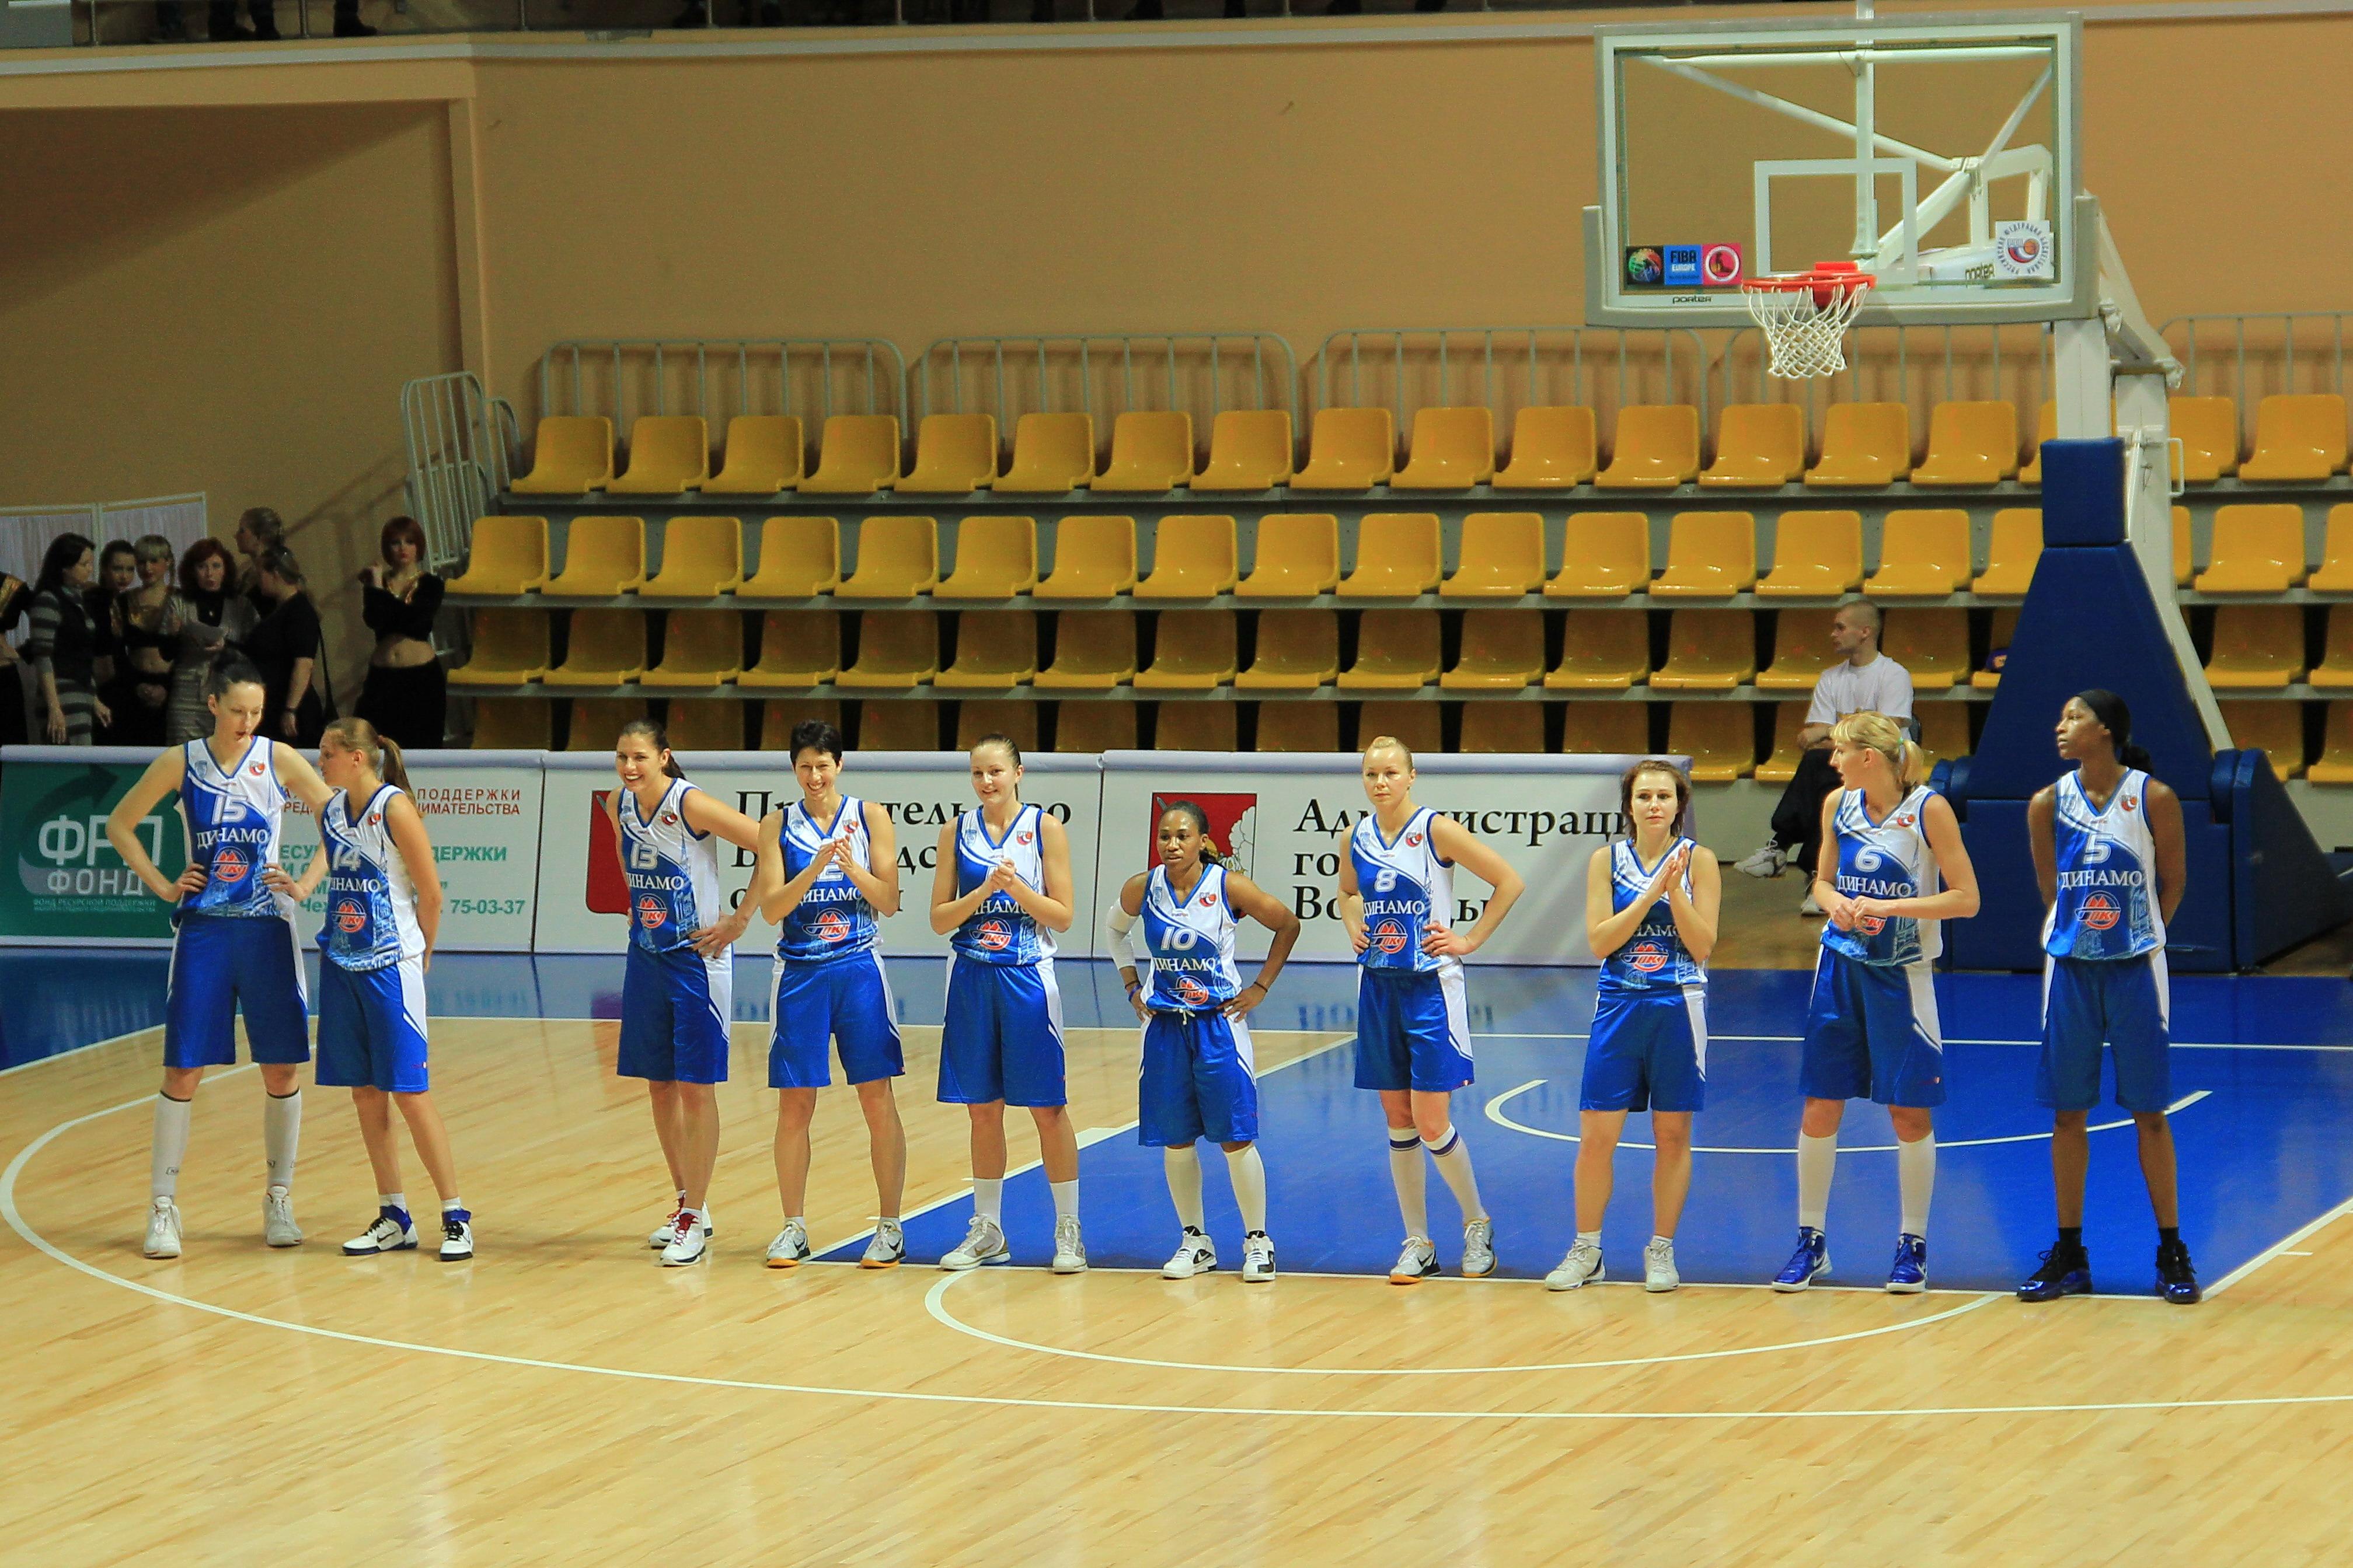 Динамо москва баскетбольный клуб официальный сайт анонсы ночные клубы